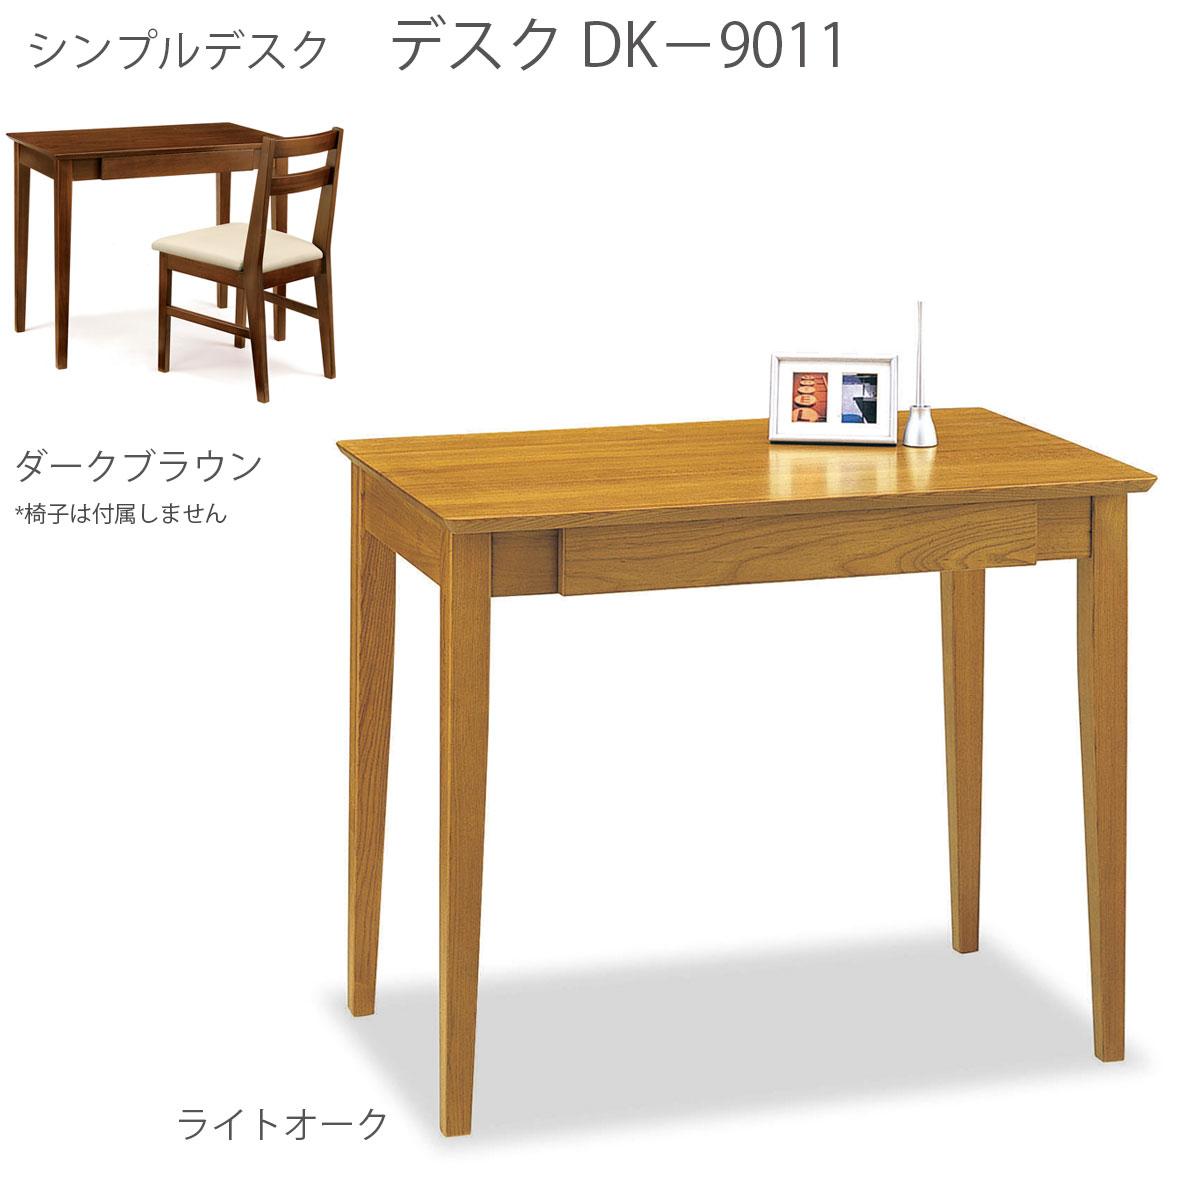 曙工芸製作所 シンプルデスクシリーズ デスク 幅90×奥55cm! ライトオーク ブラウン DK-9011LO DK-9011BR